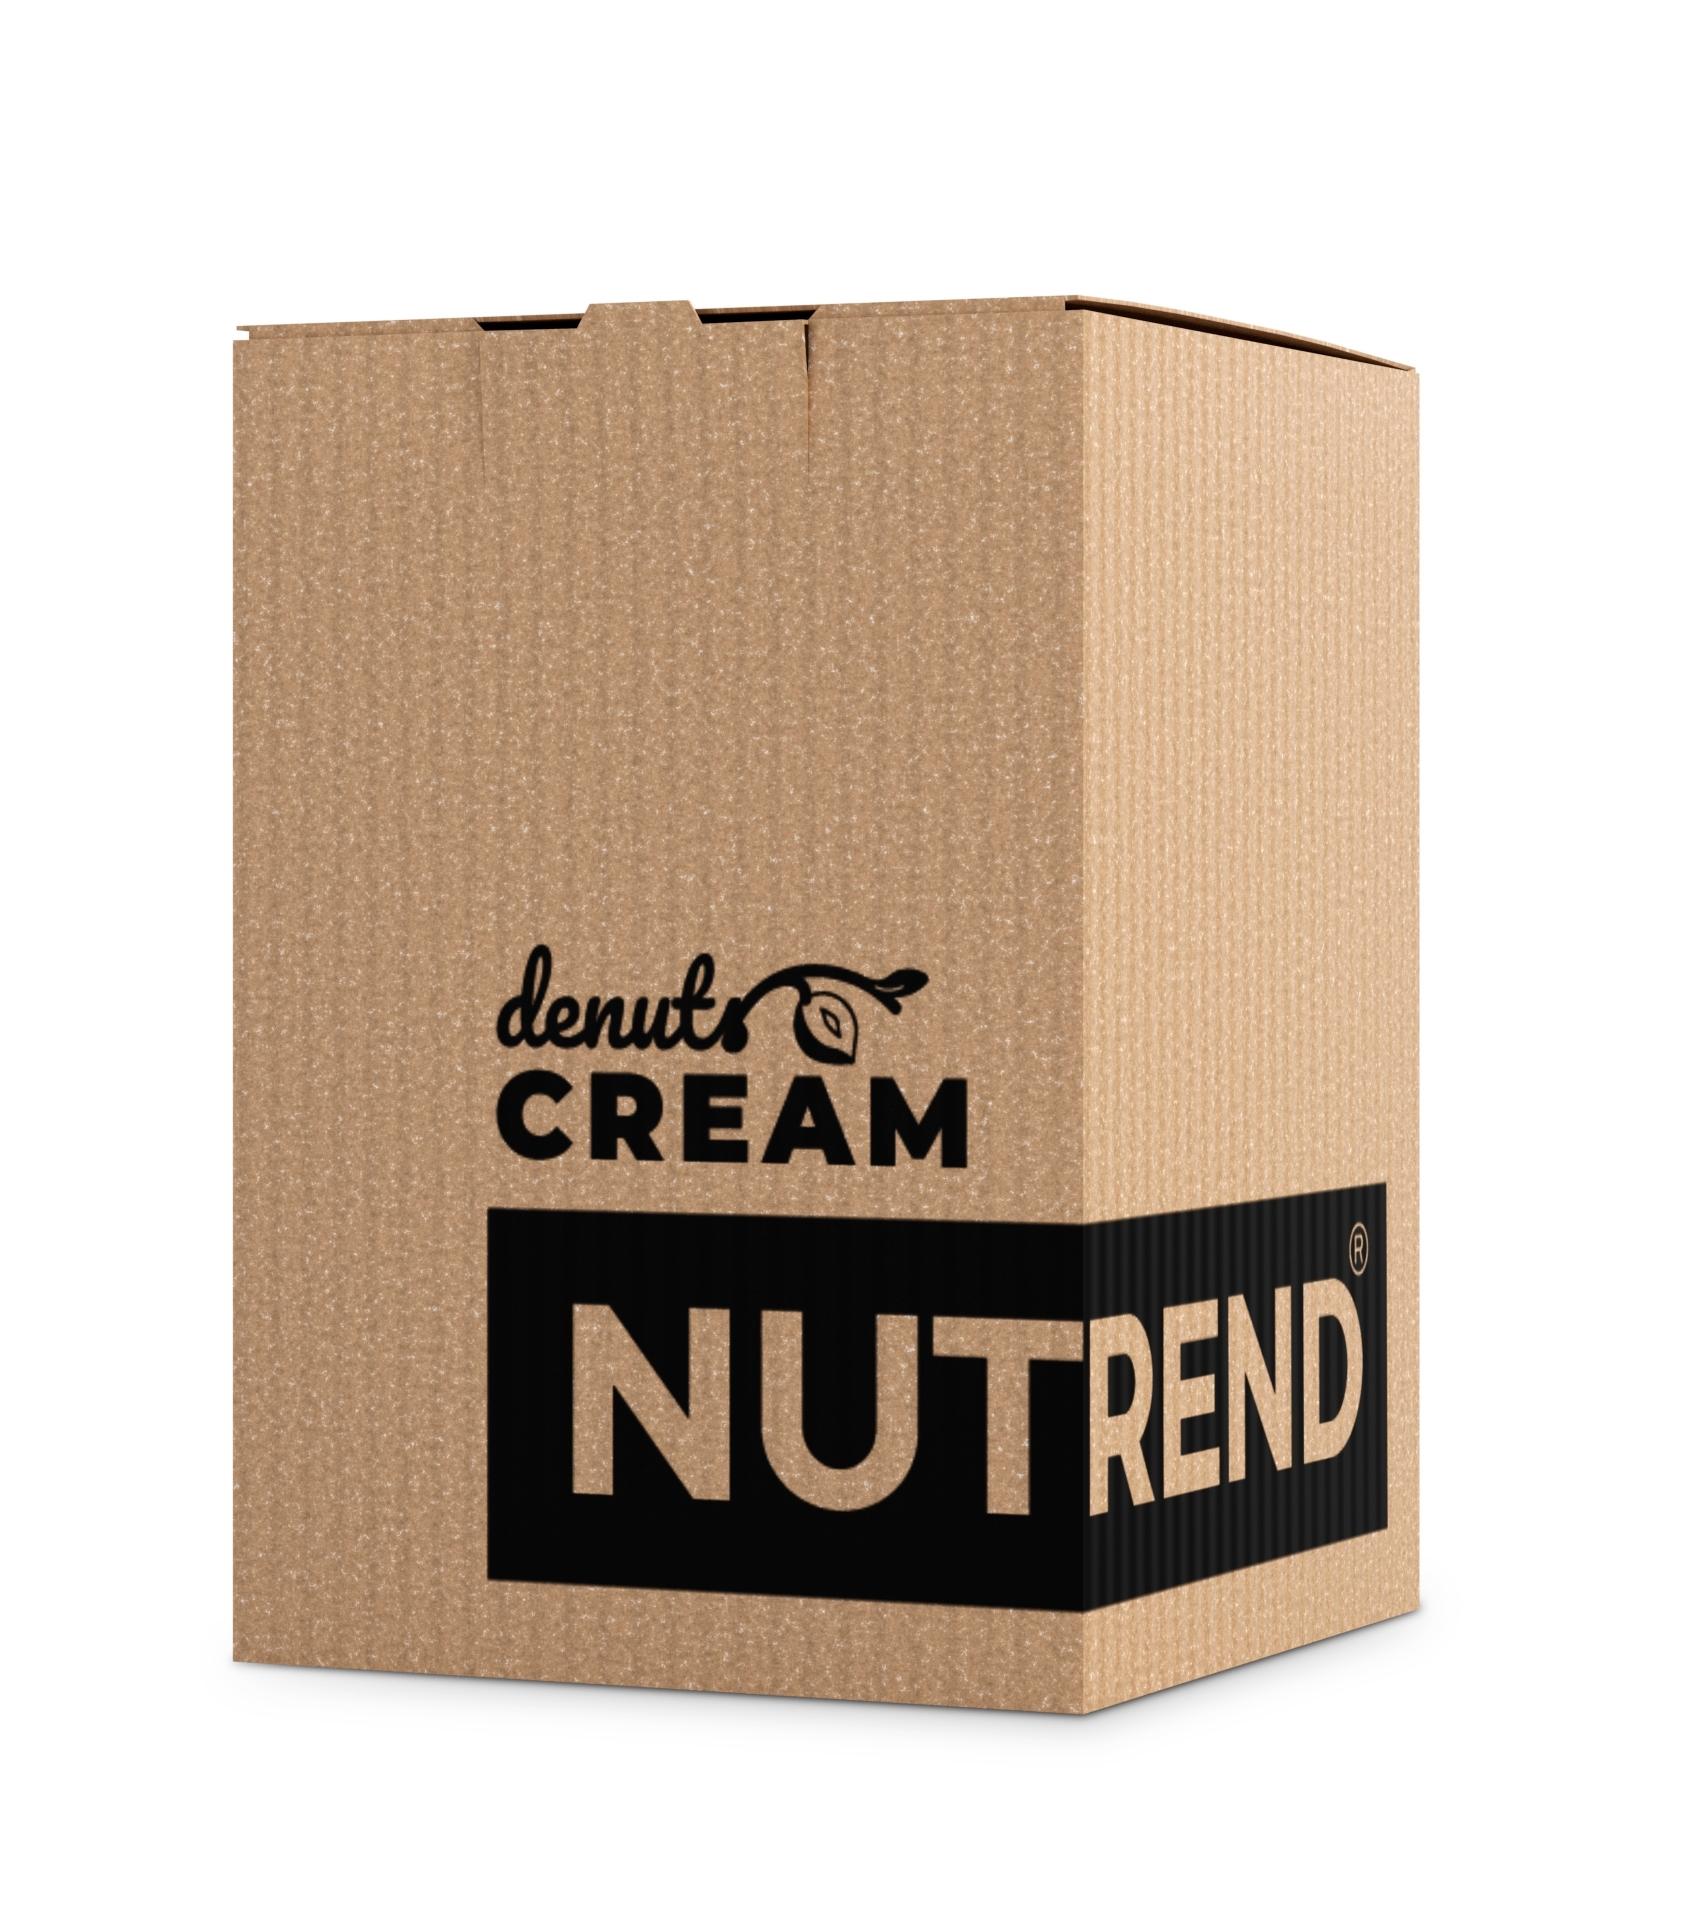 DENUTS CREAM 250 g, malinový cheesecake